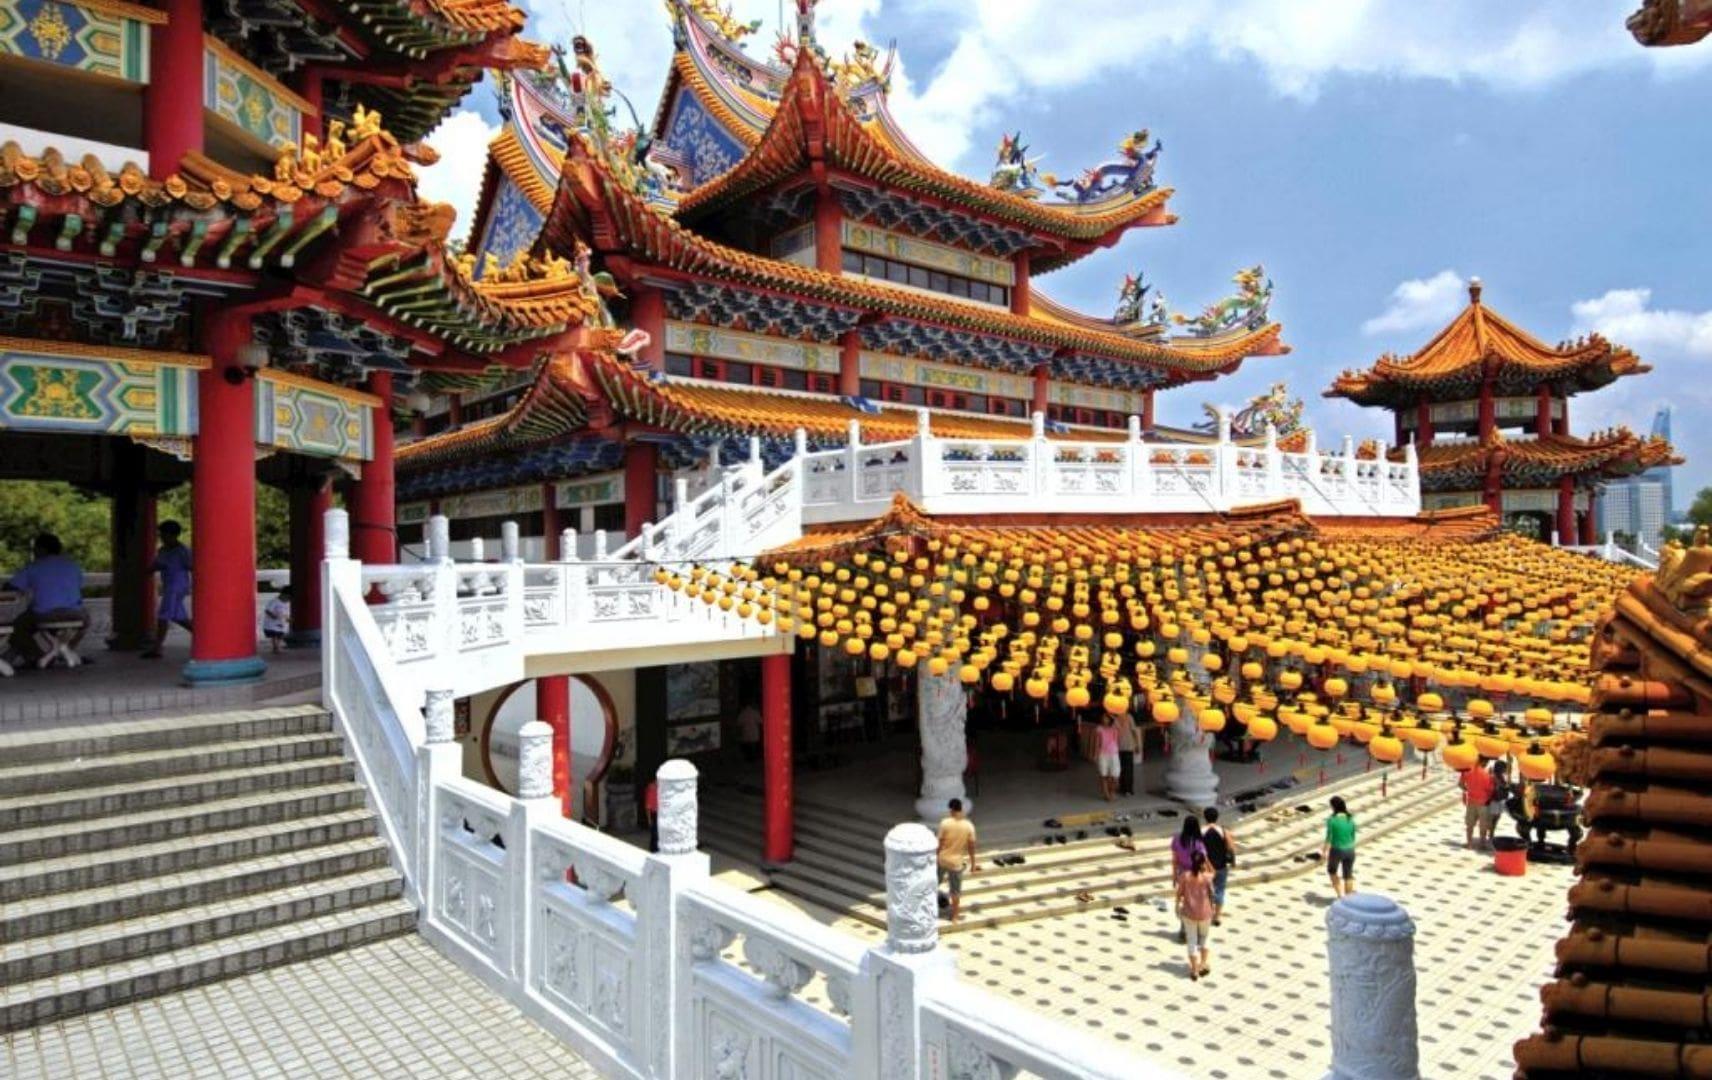 Chinesische Dekoration Restaurants und Läden